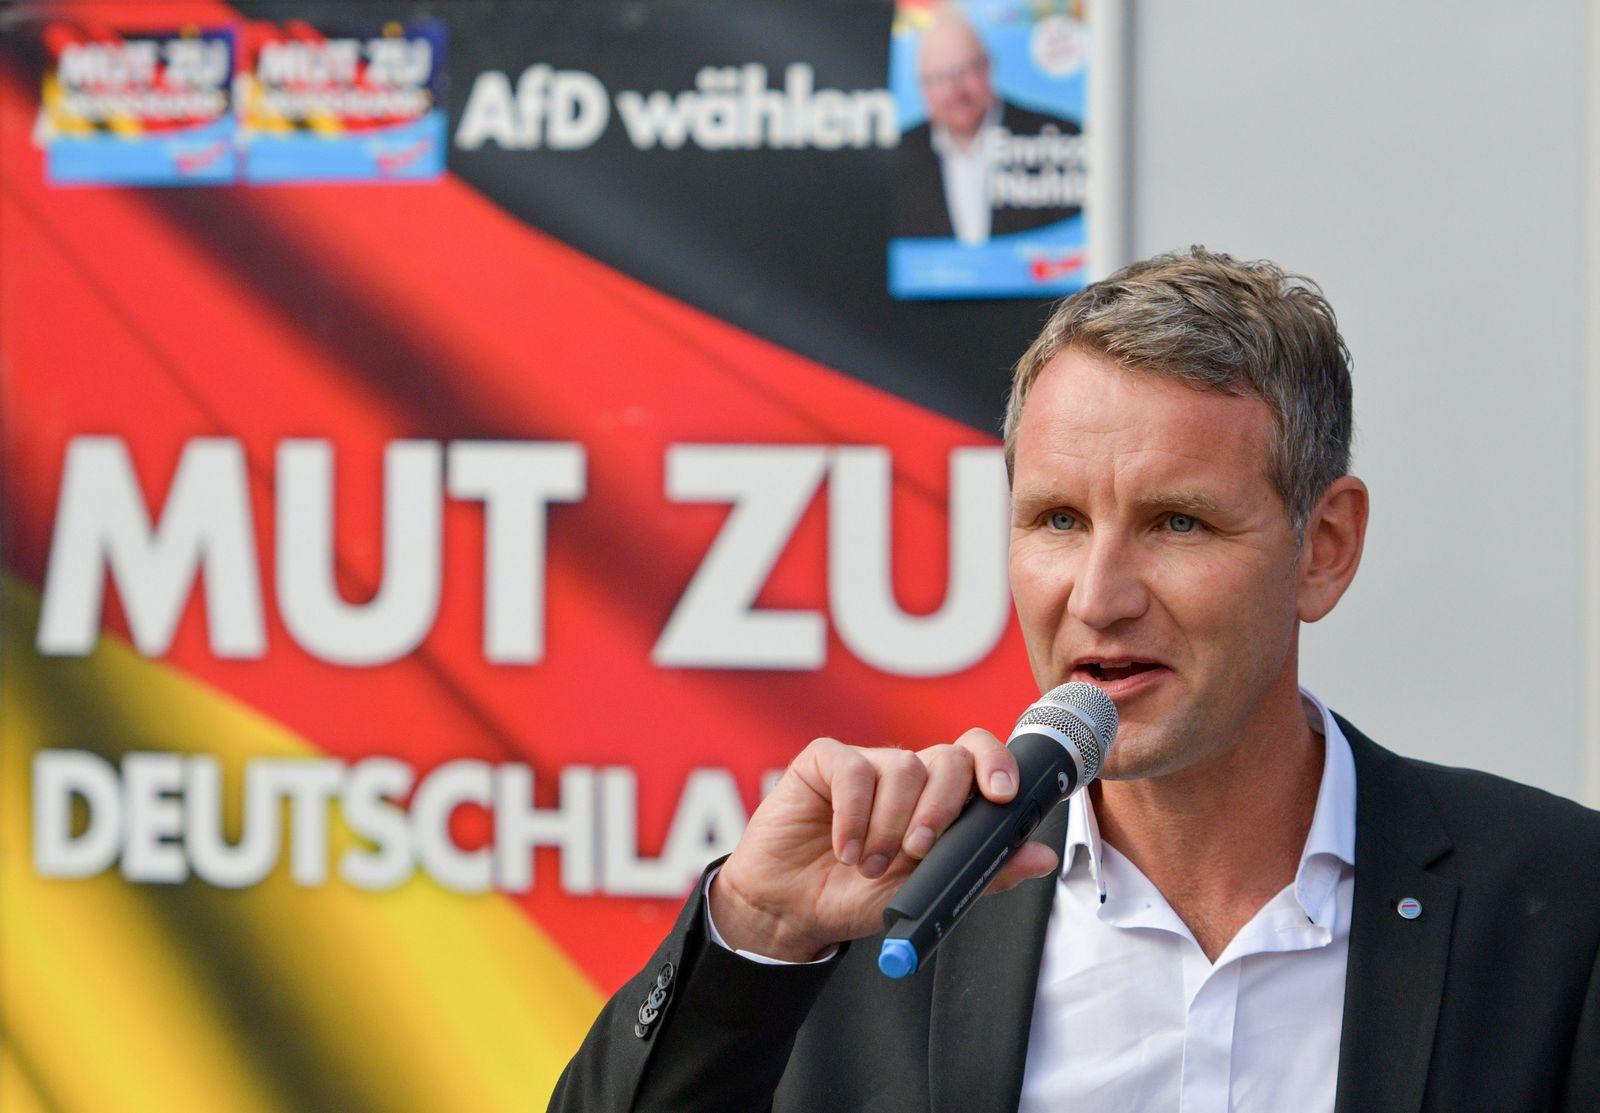 Wahlkampfveranstaltung der AfD in Schwerin